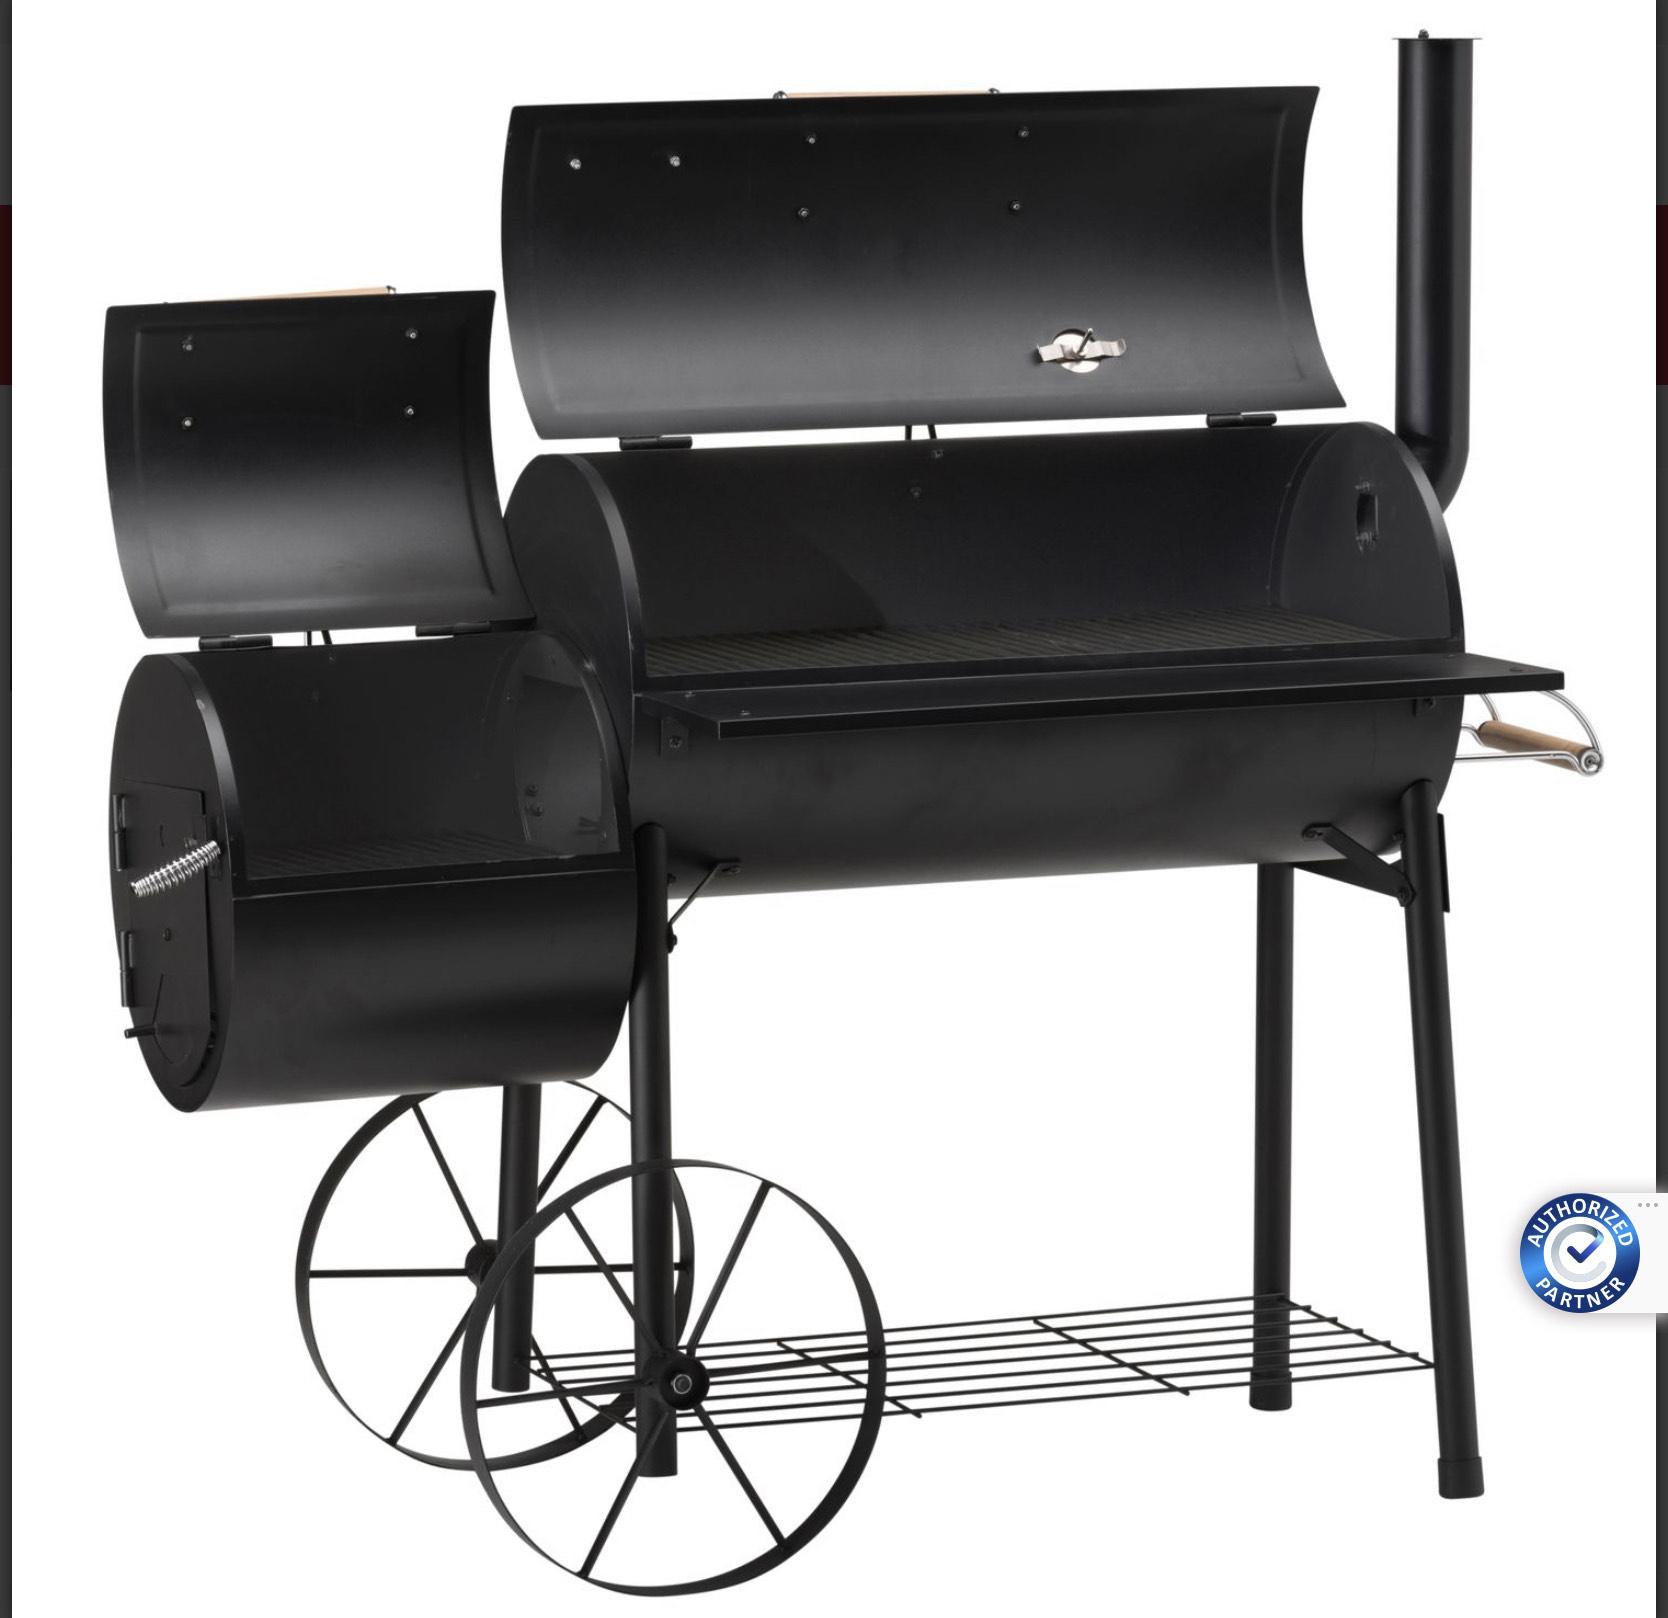 Landmann Tennessee 300 smoker Grill